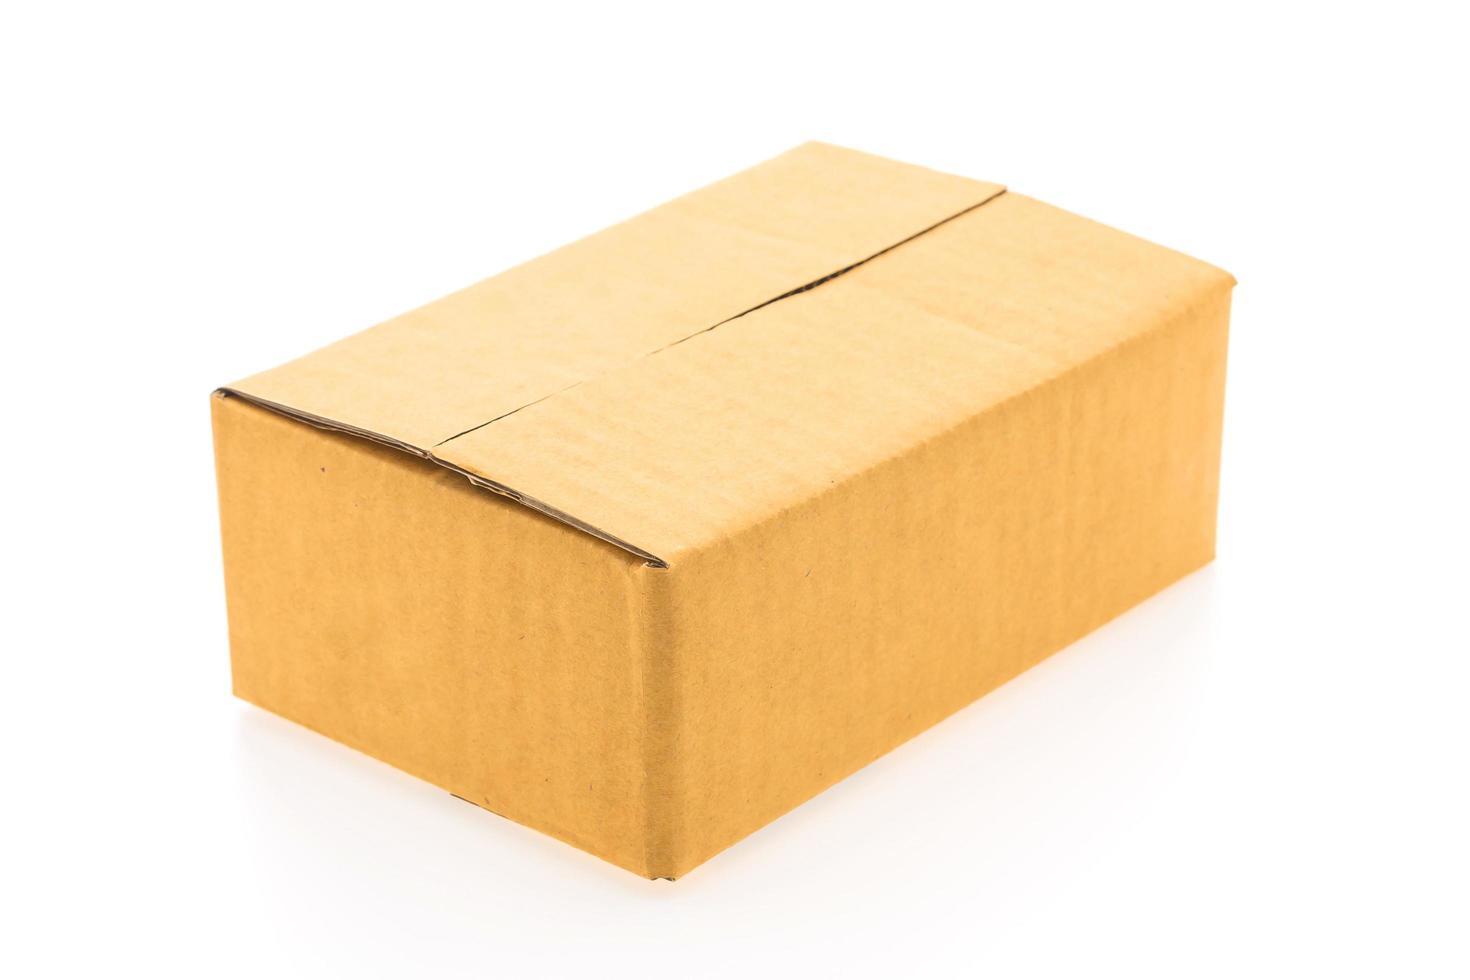 caja marrón aislada foto